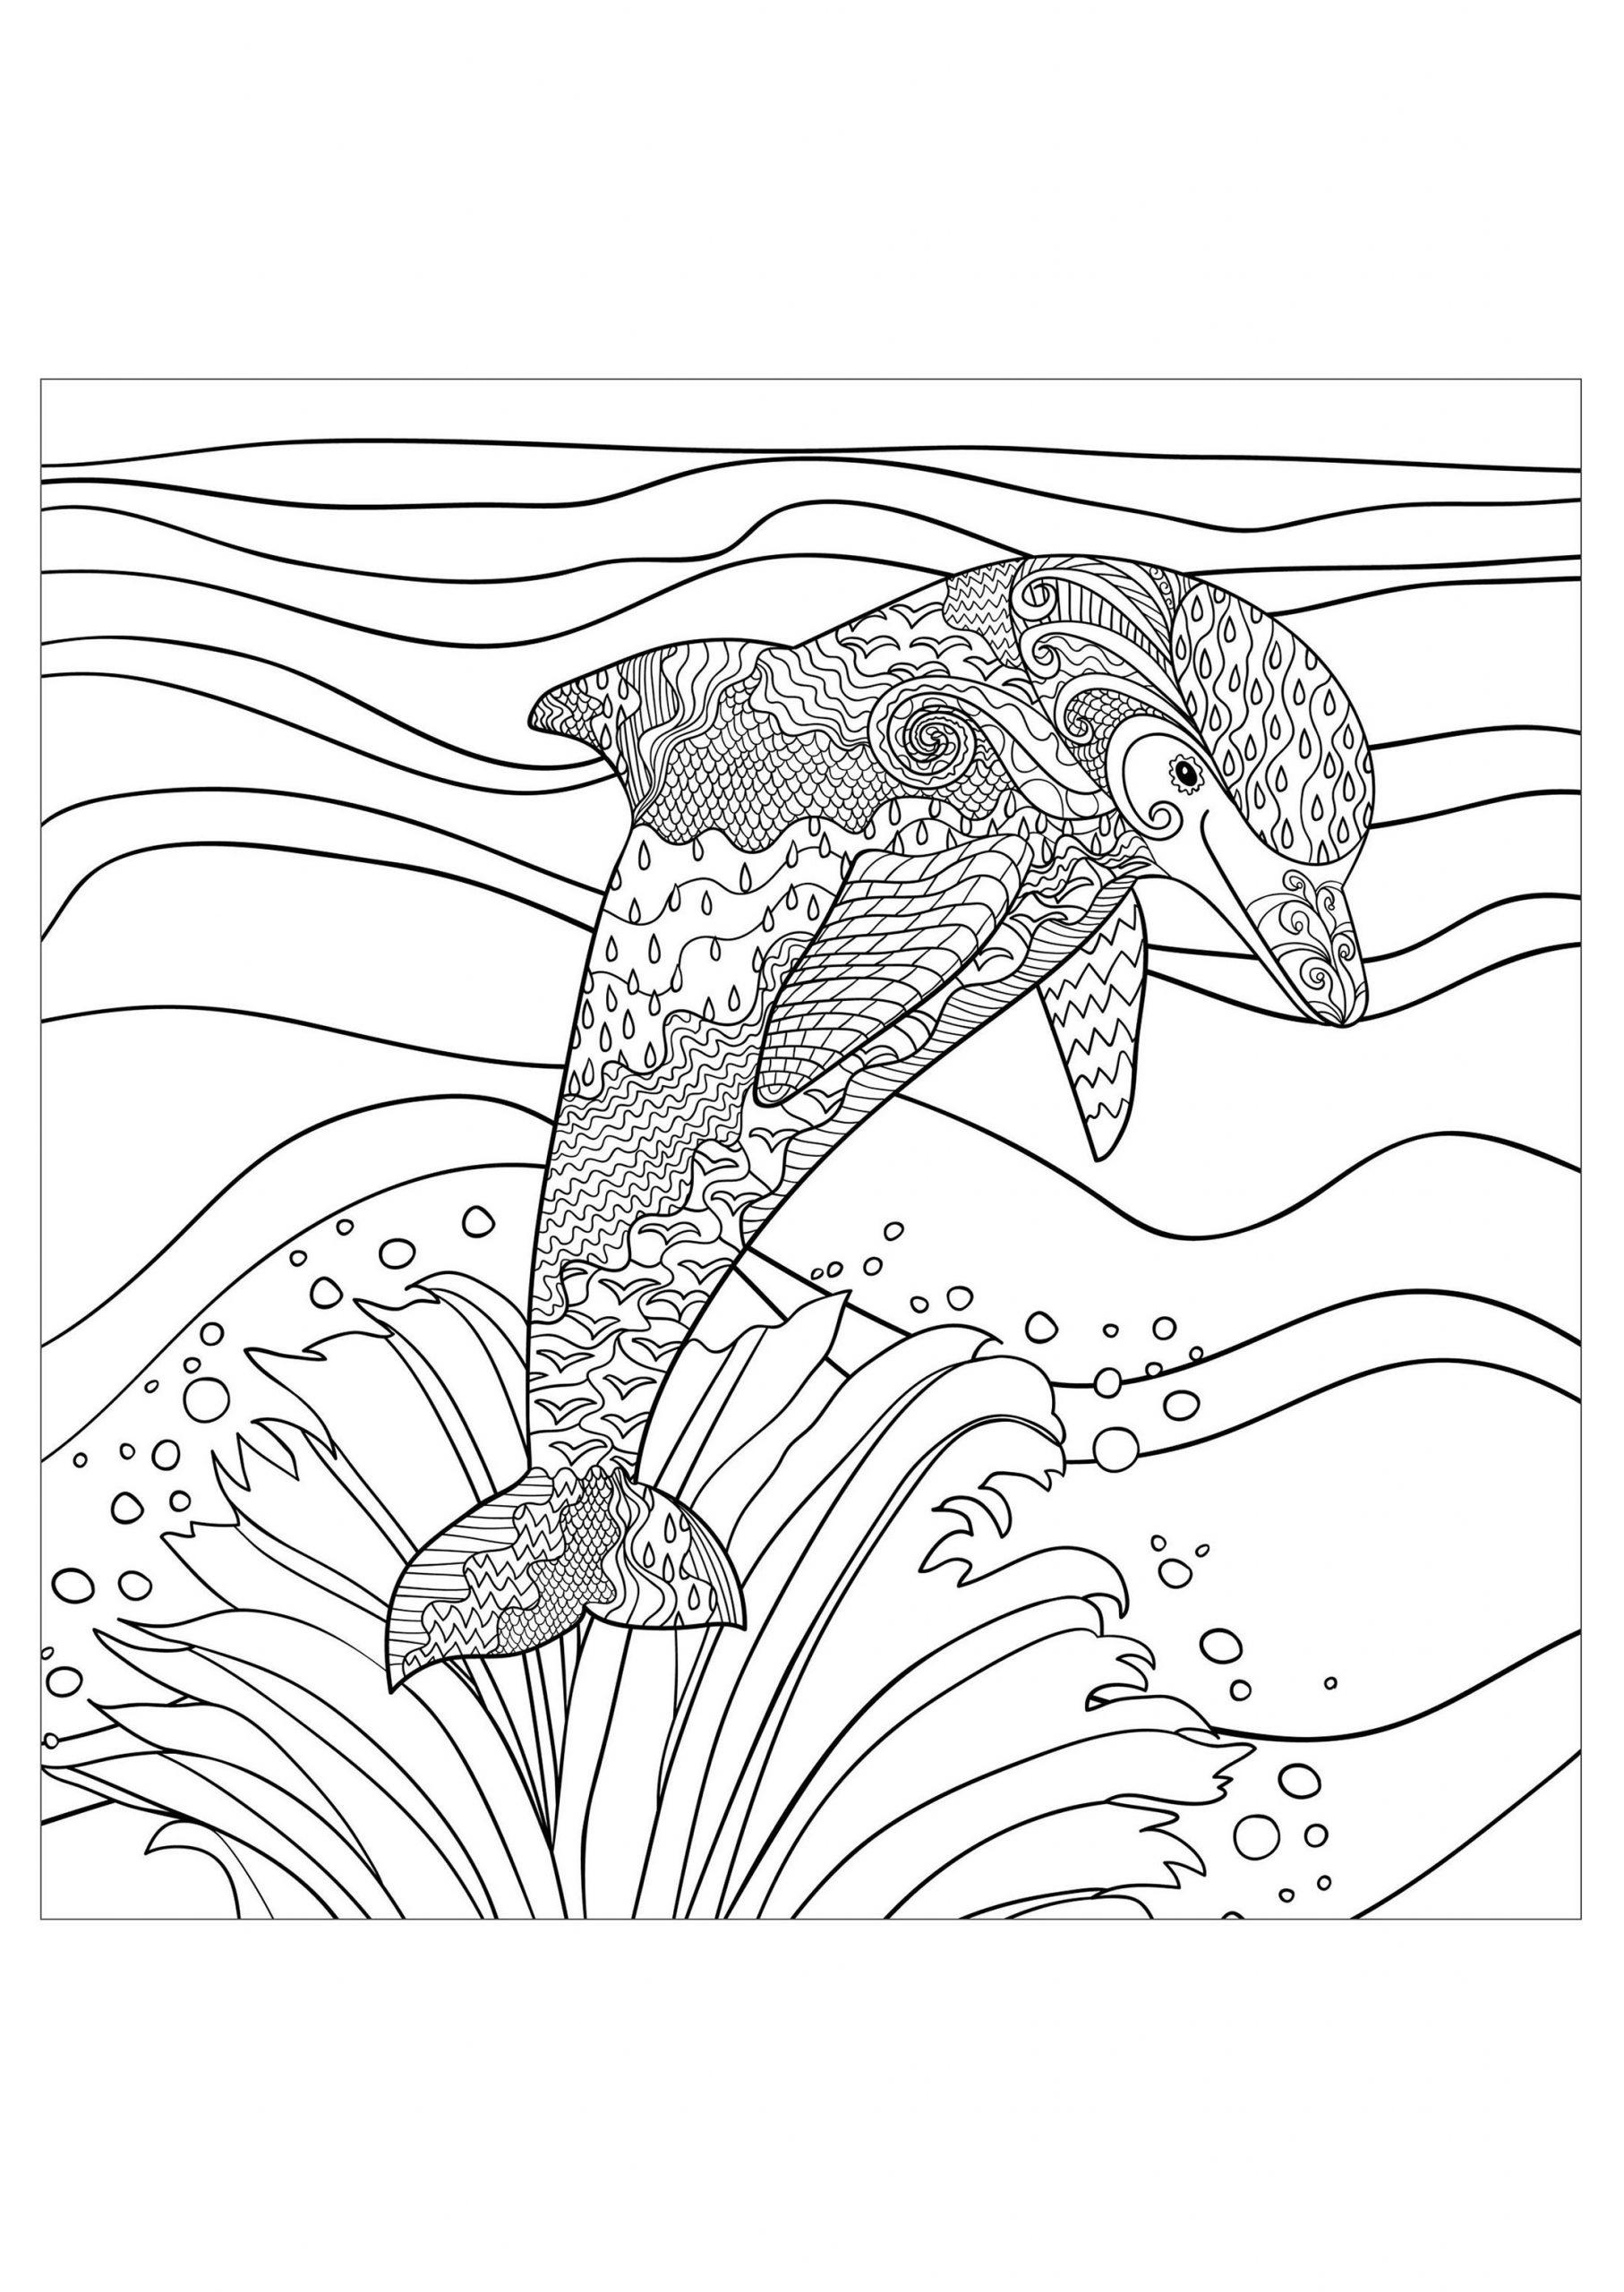 Dauphin Vagues Mer - Dauphins - Coloriages Difficiles Pour intérieur Coloriage Sur La Mer À Imprimer